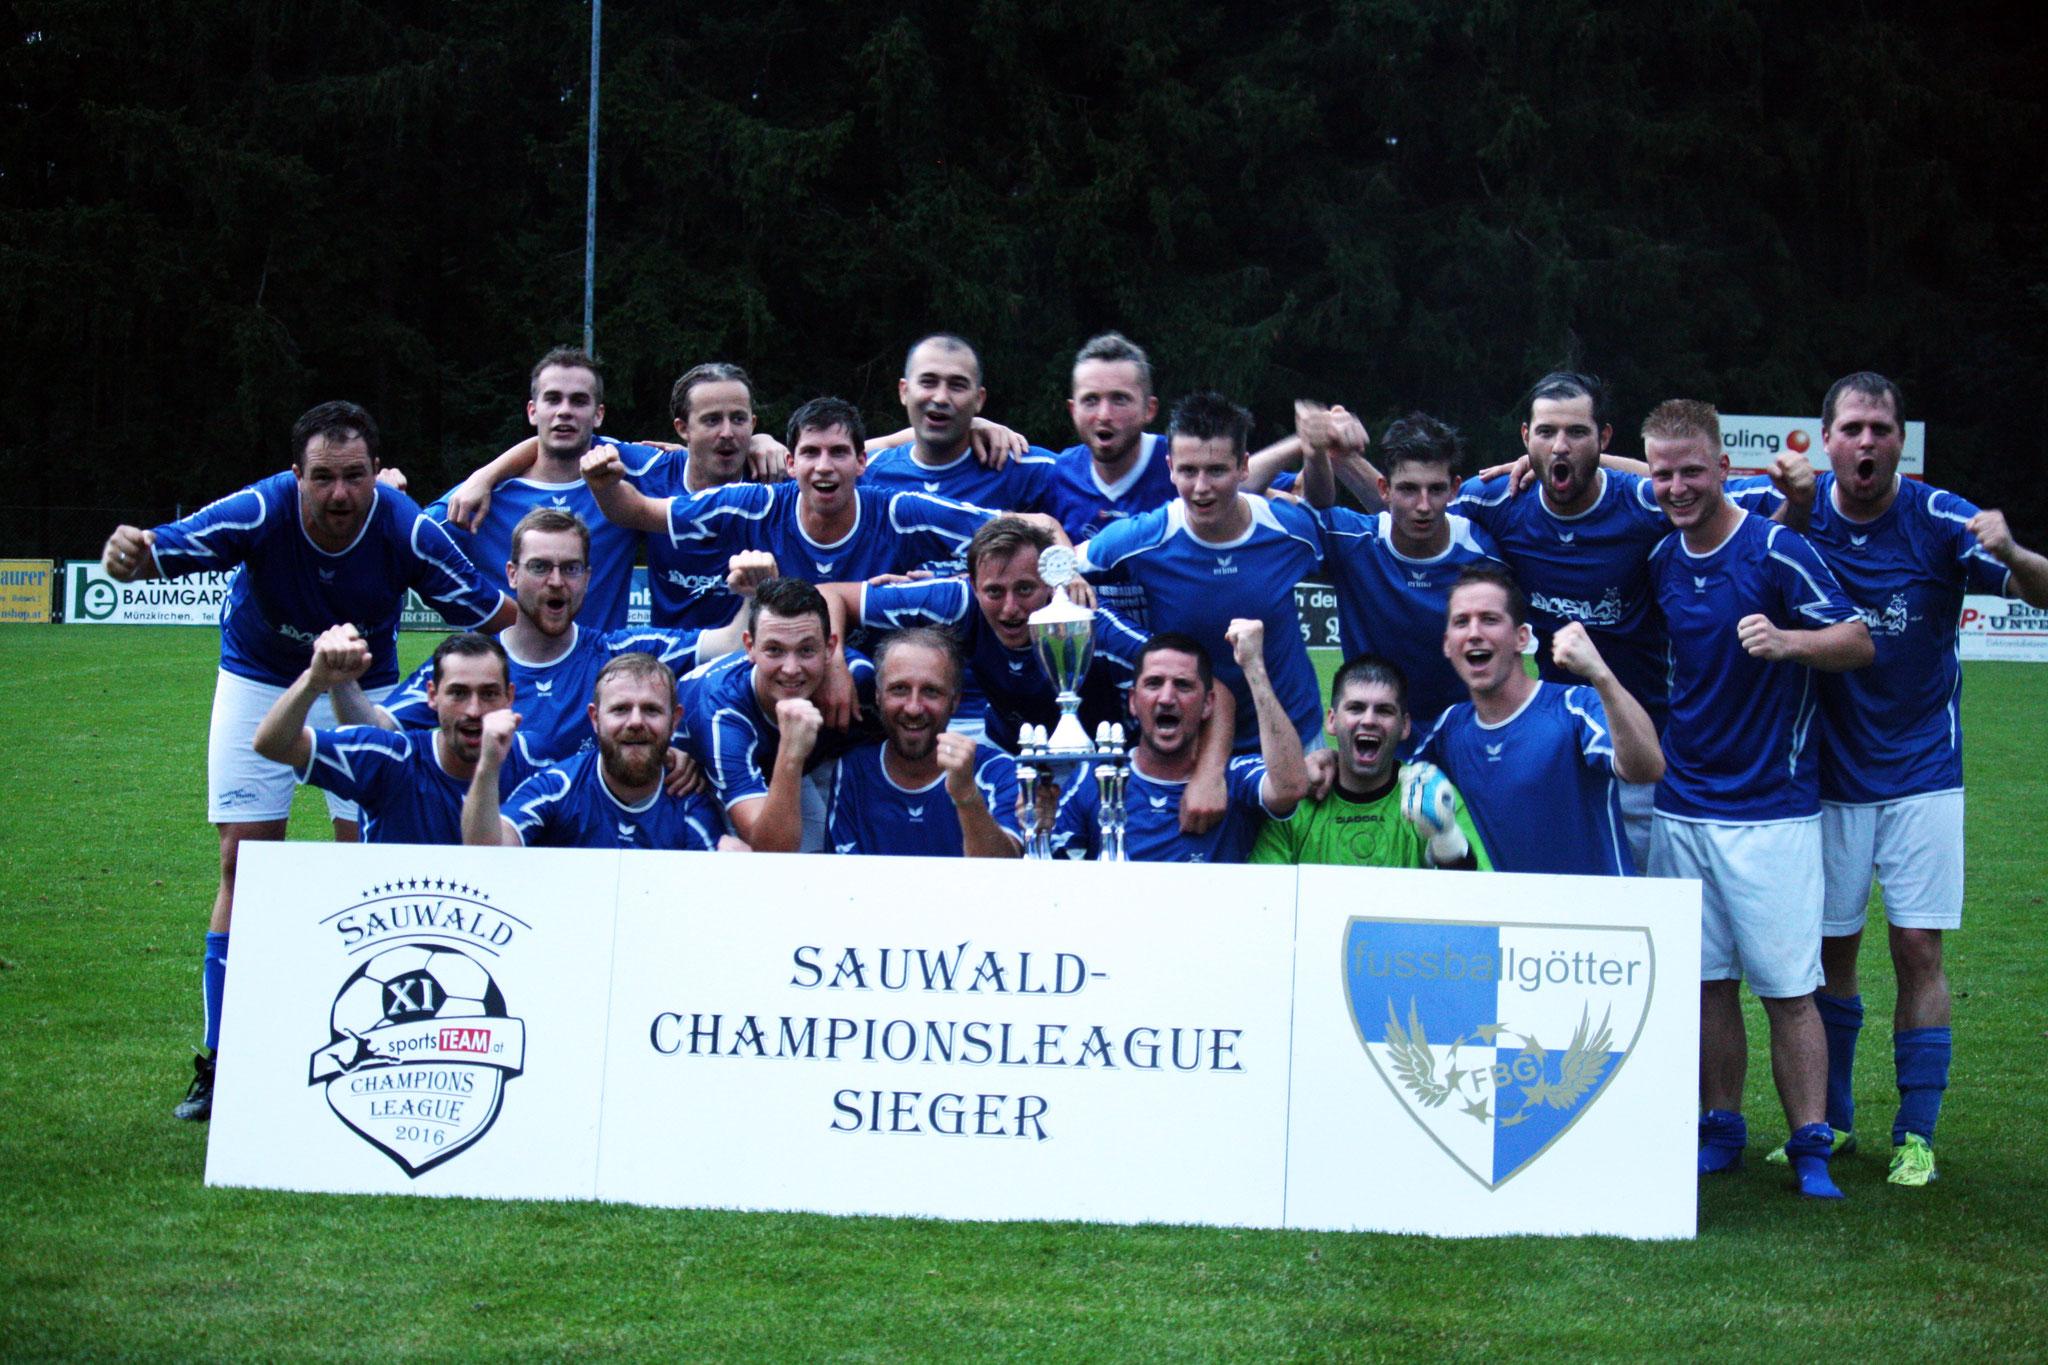 Champion 2016 - Fussballgötter Bach